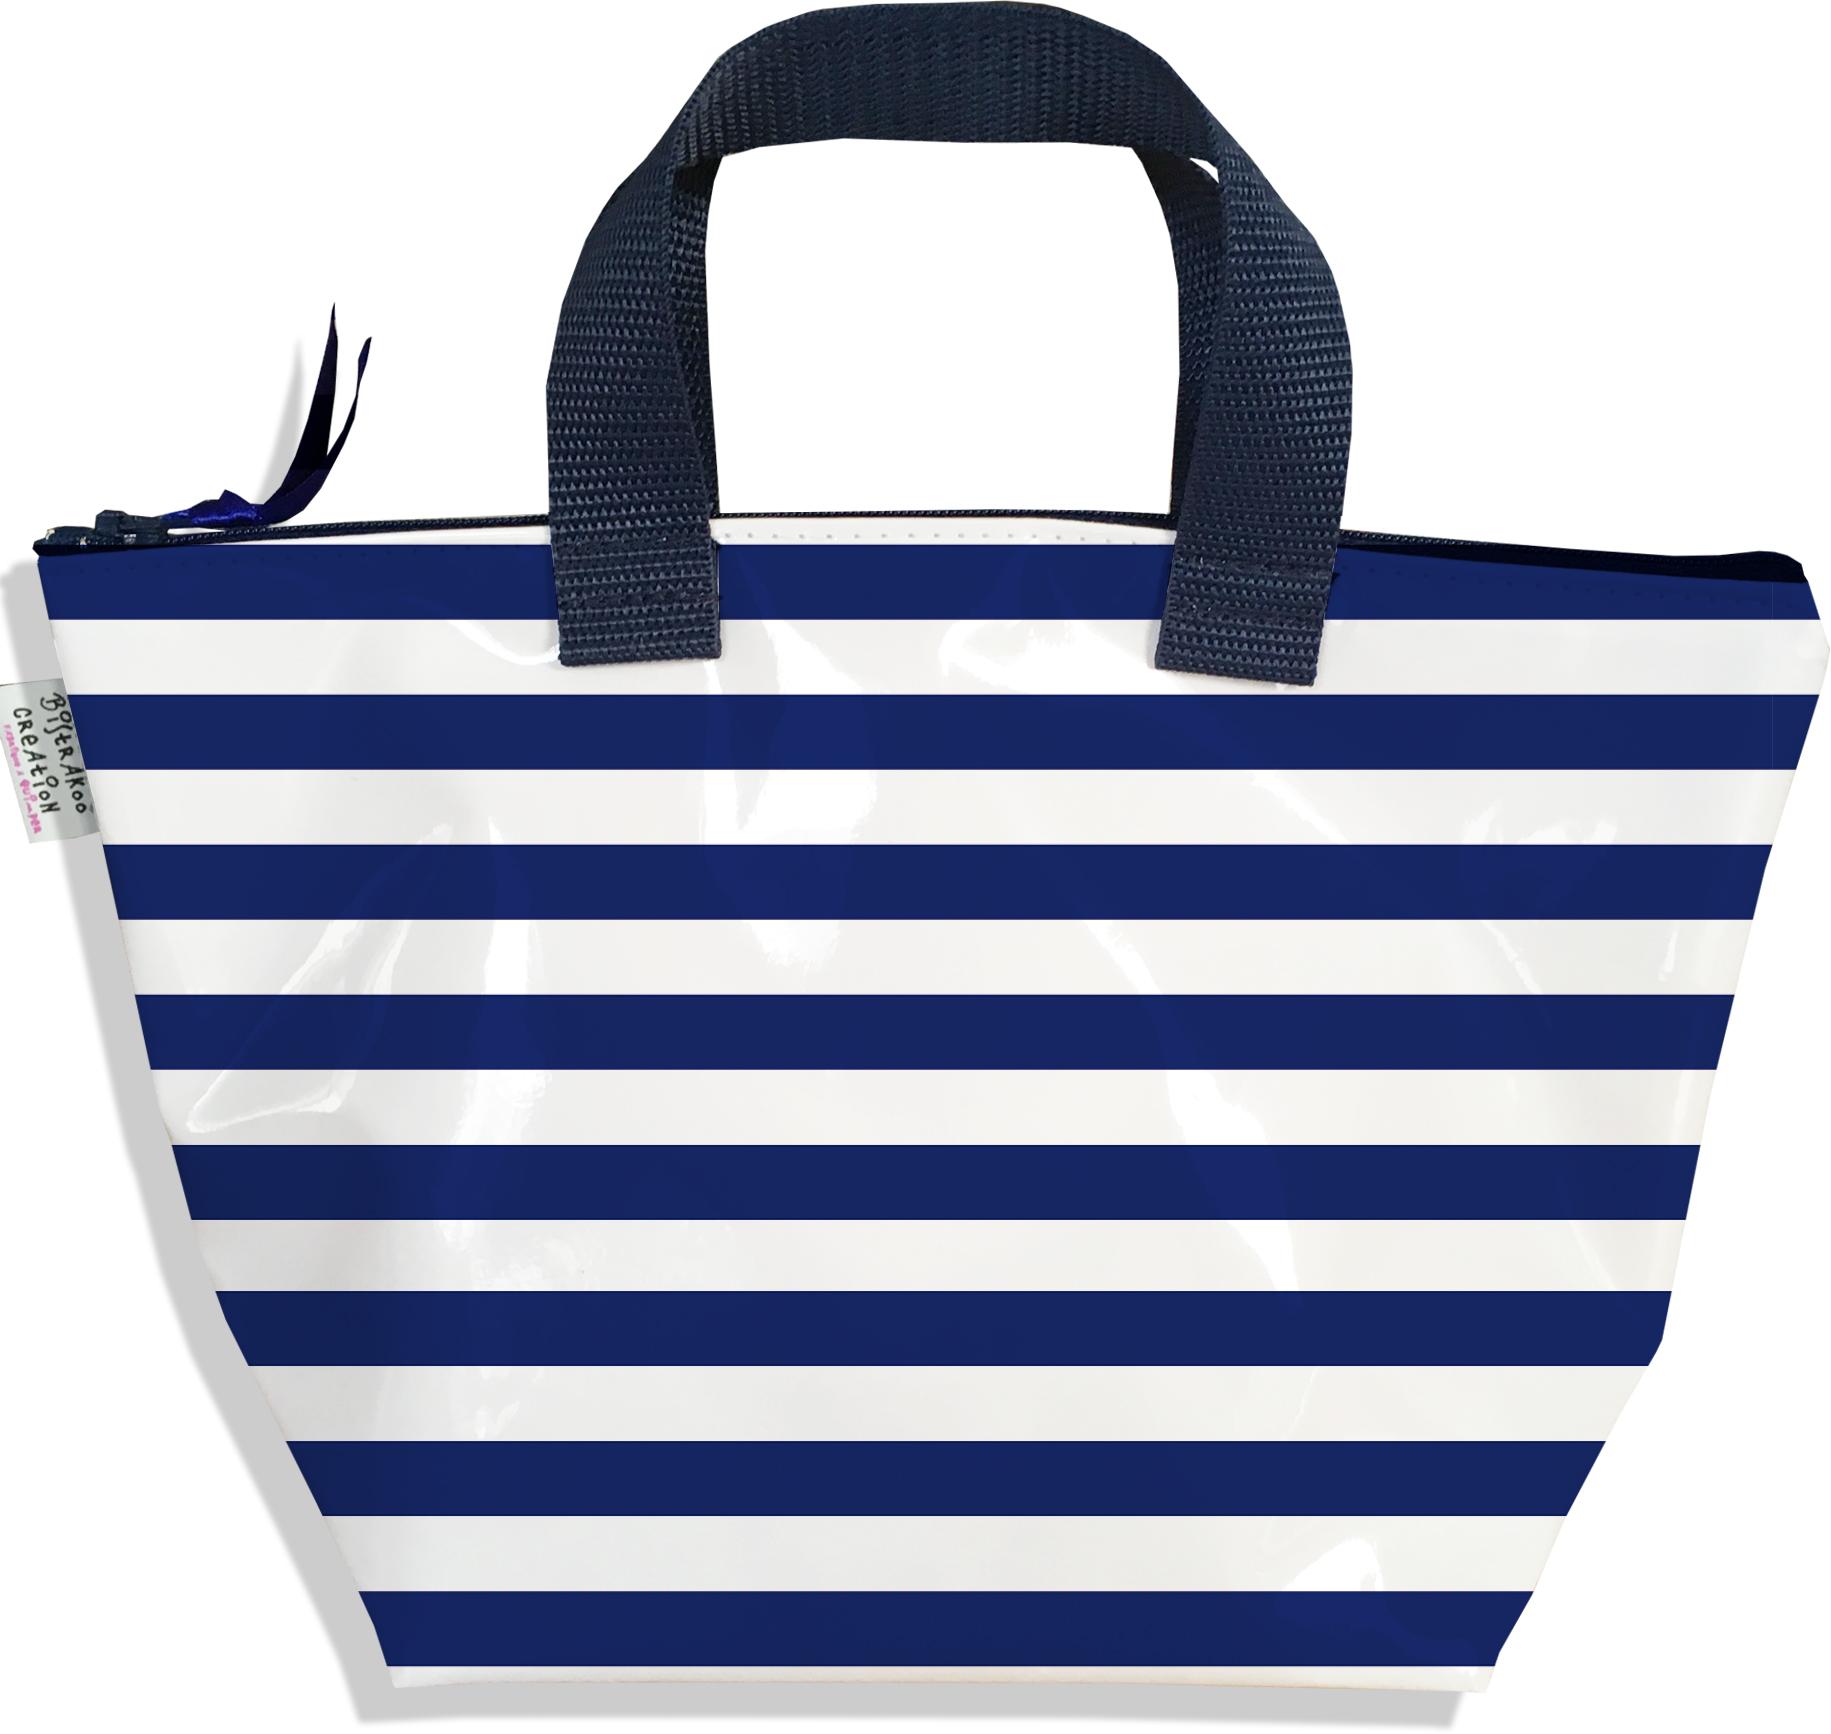 Sac à main zippé pour fille motif Marinière bleu marine 2377-2016